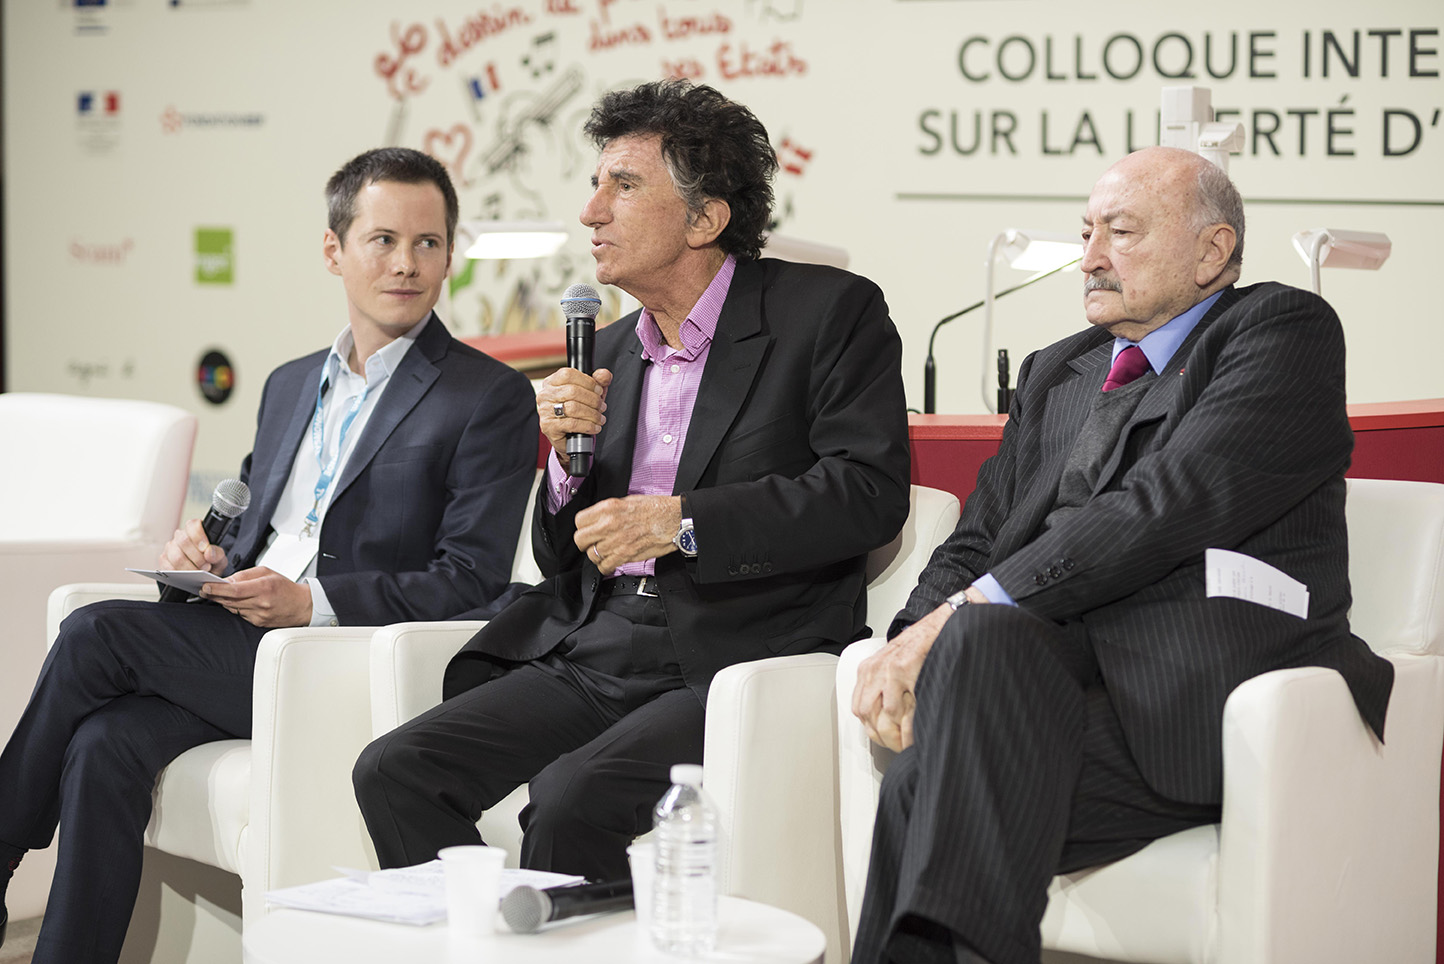 Jean Leymarie (France Info), Jack Lang (Président de l'IMA) et Georges Kiejman (avocat) – © Olivier Rolfe